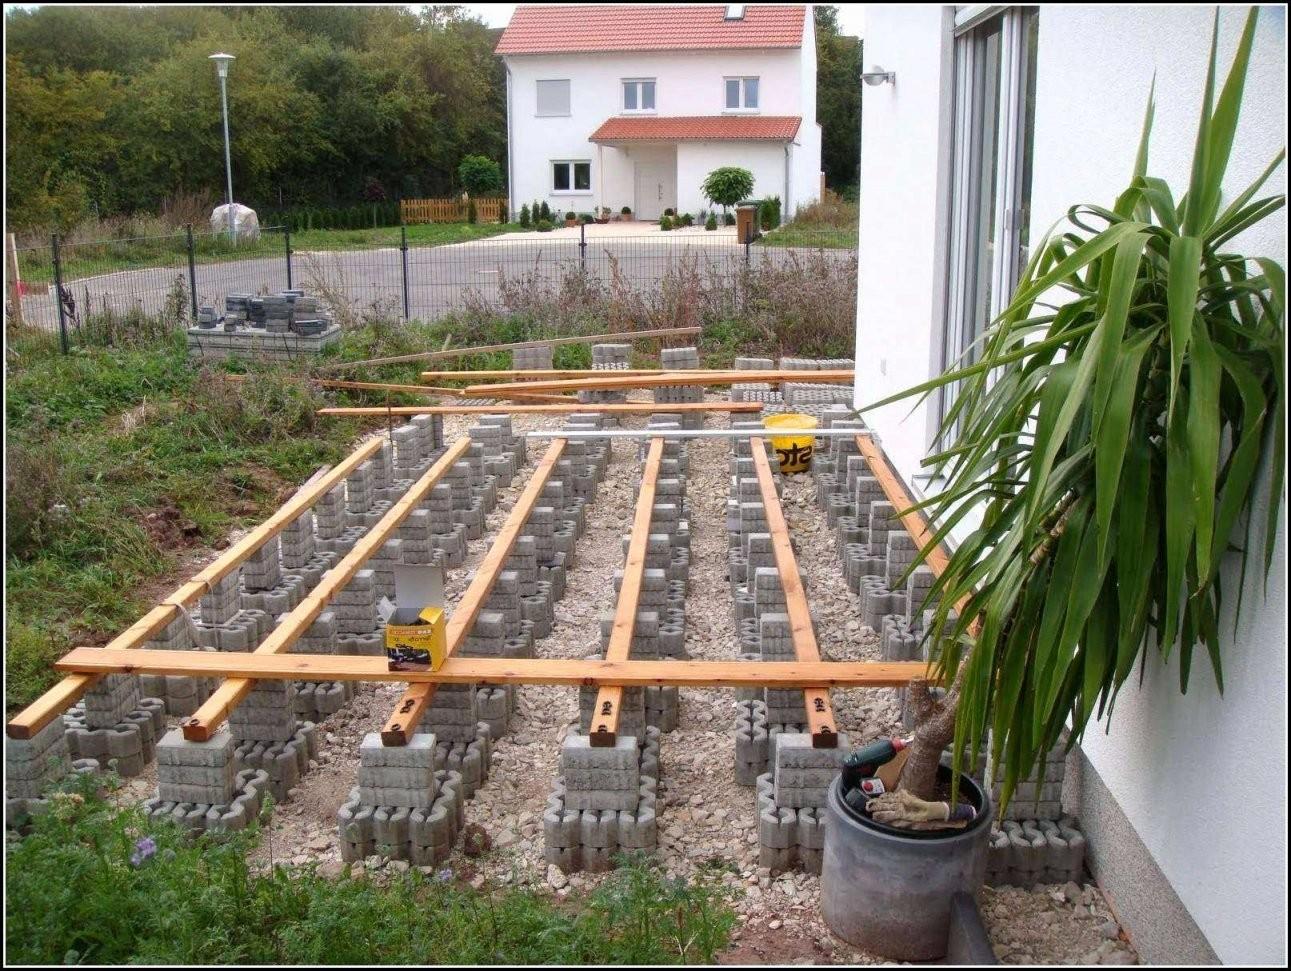 Sichtschutz Garten Selber Bauen Schön Terrassen Sichtschutz Holz von Sichtschutz Aus Stein Selber Bauen Bild